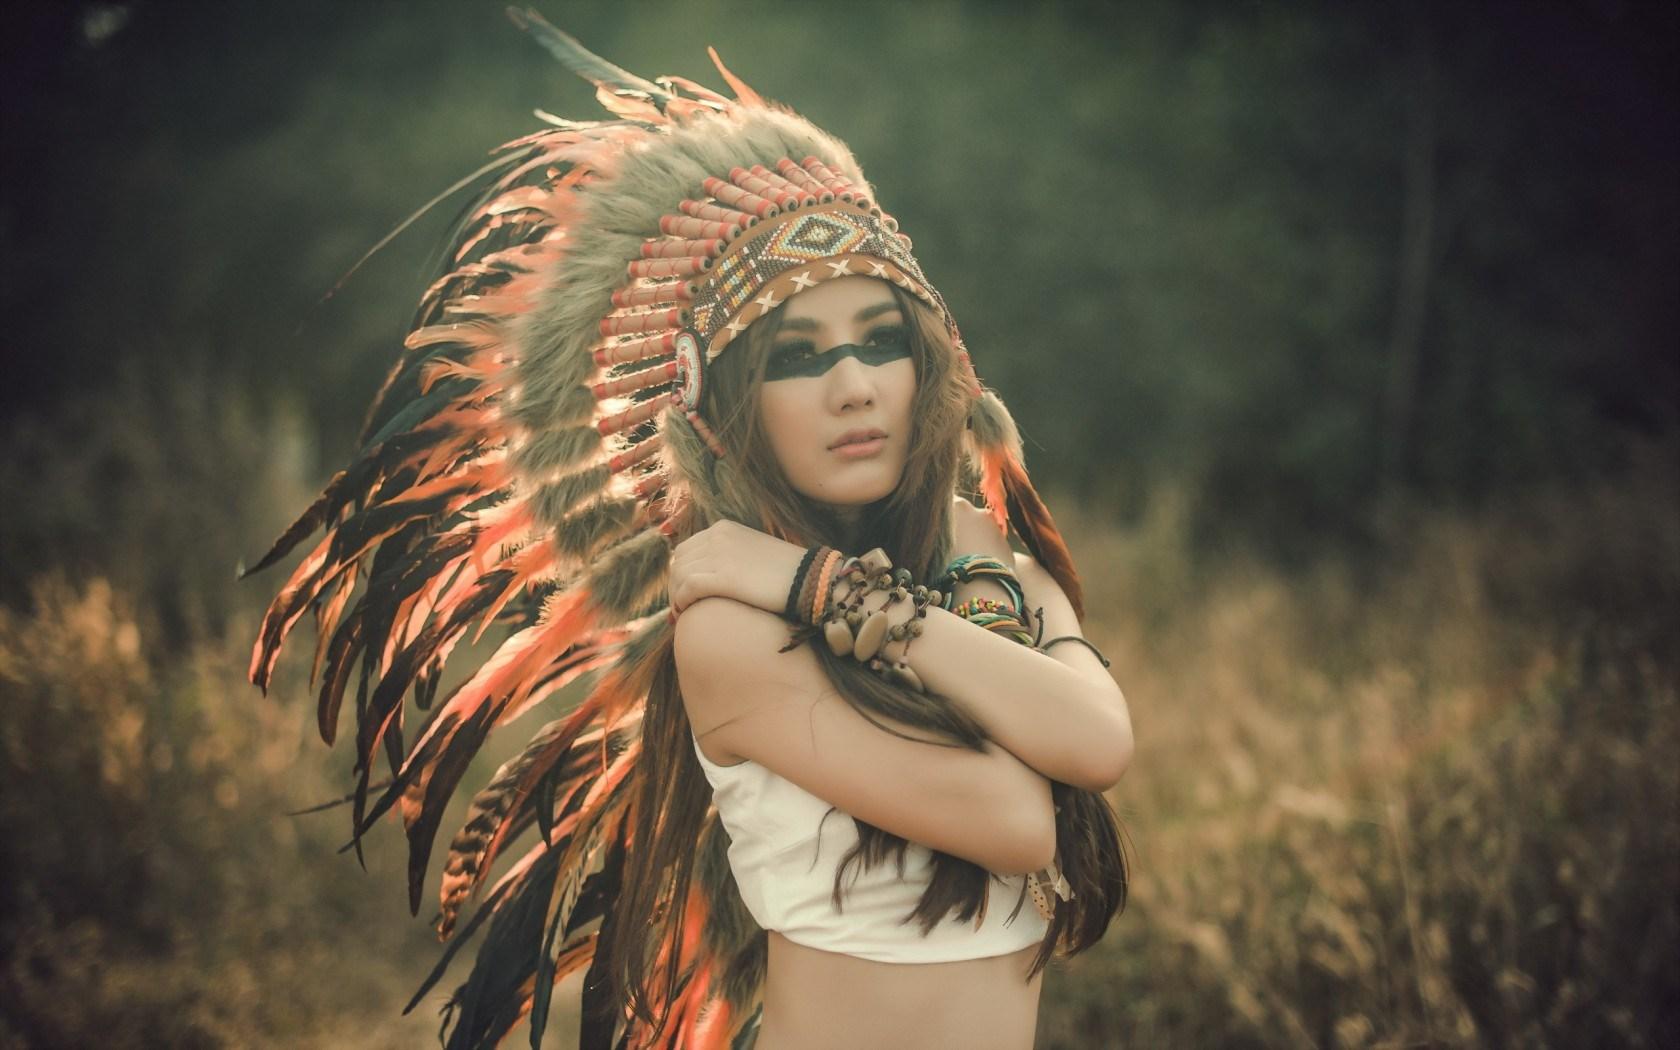 Girl Indian Headdress Art Wallpaper 1680x1050 9307